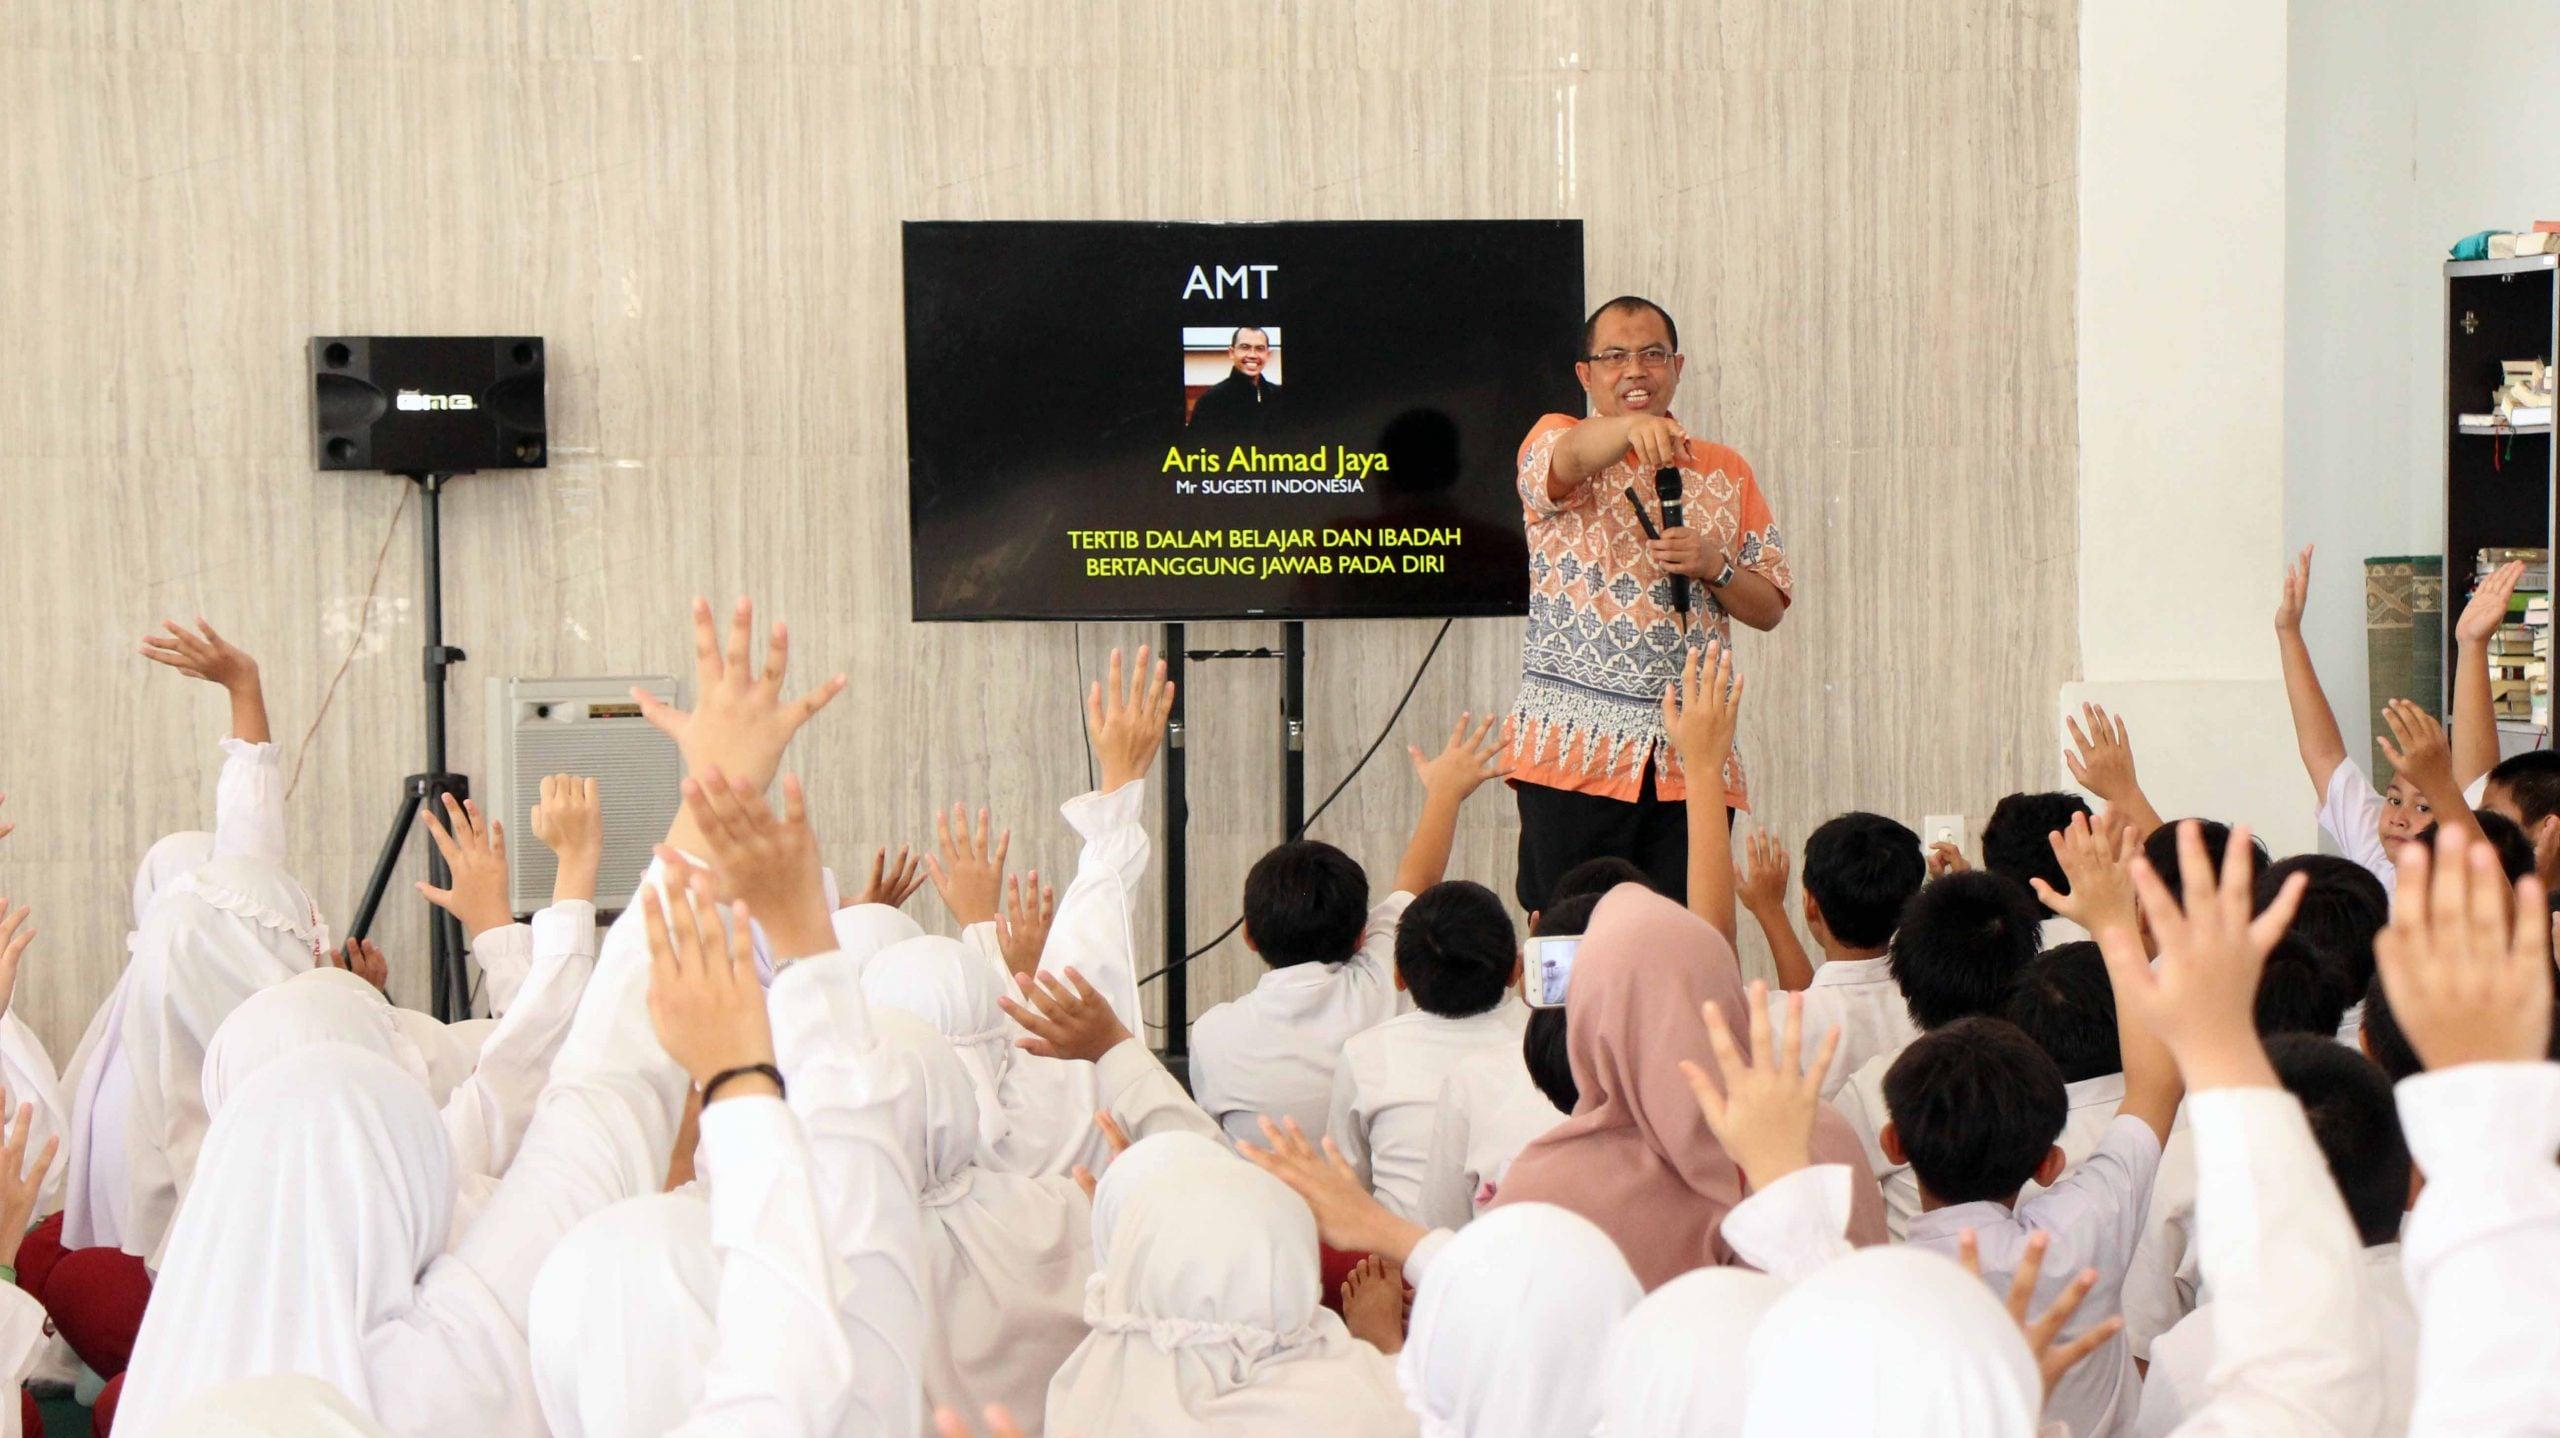 SDIT Nurul Fikri Bentuk Karakter dan Motivasi Siswa Melalui AMT